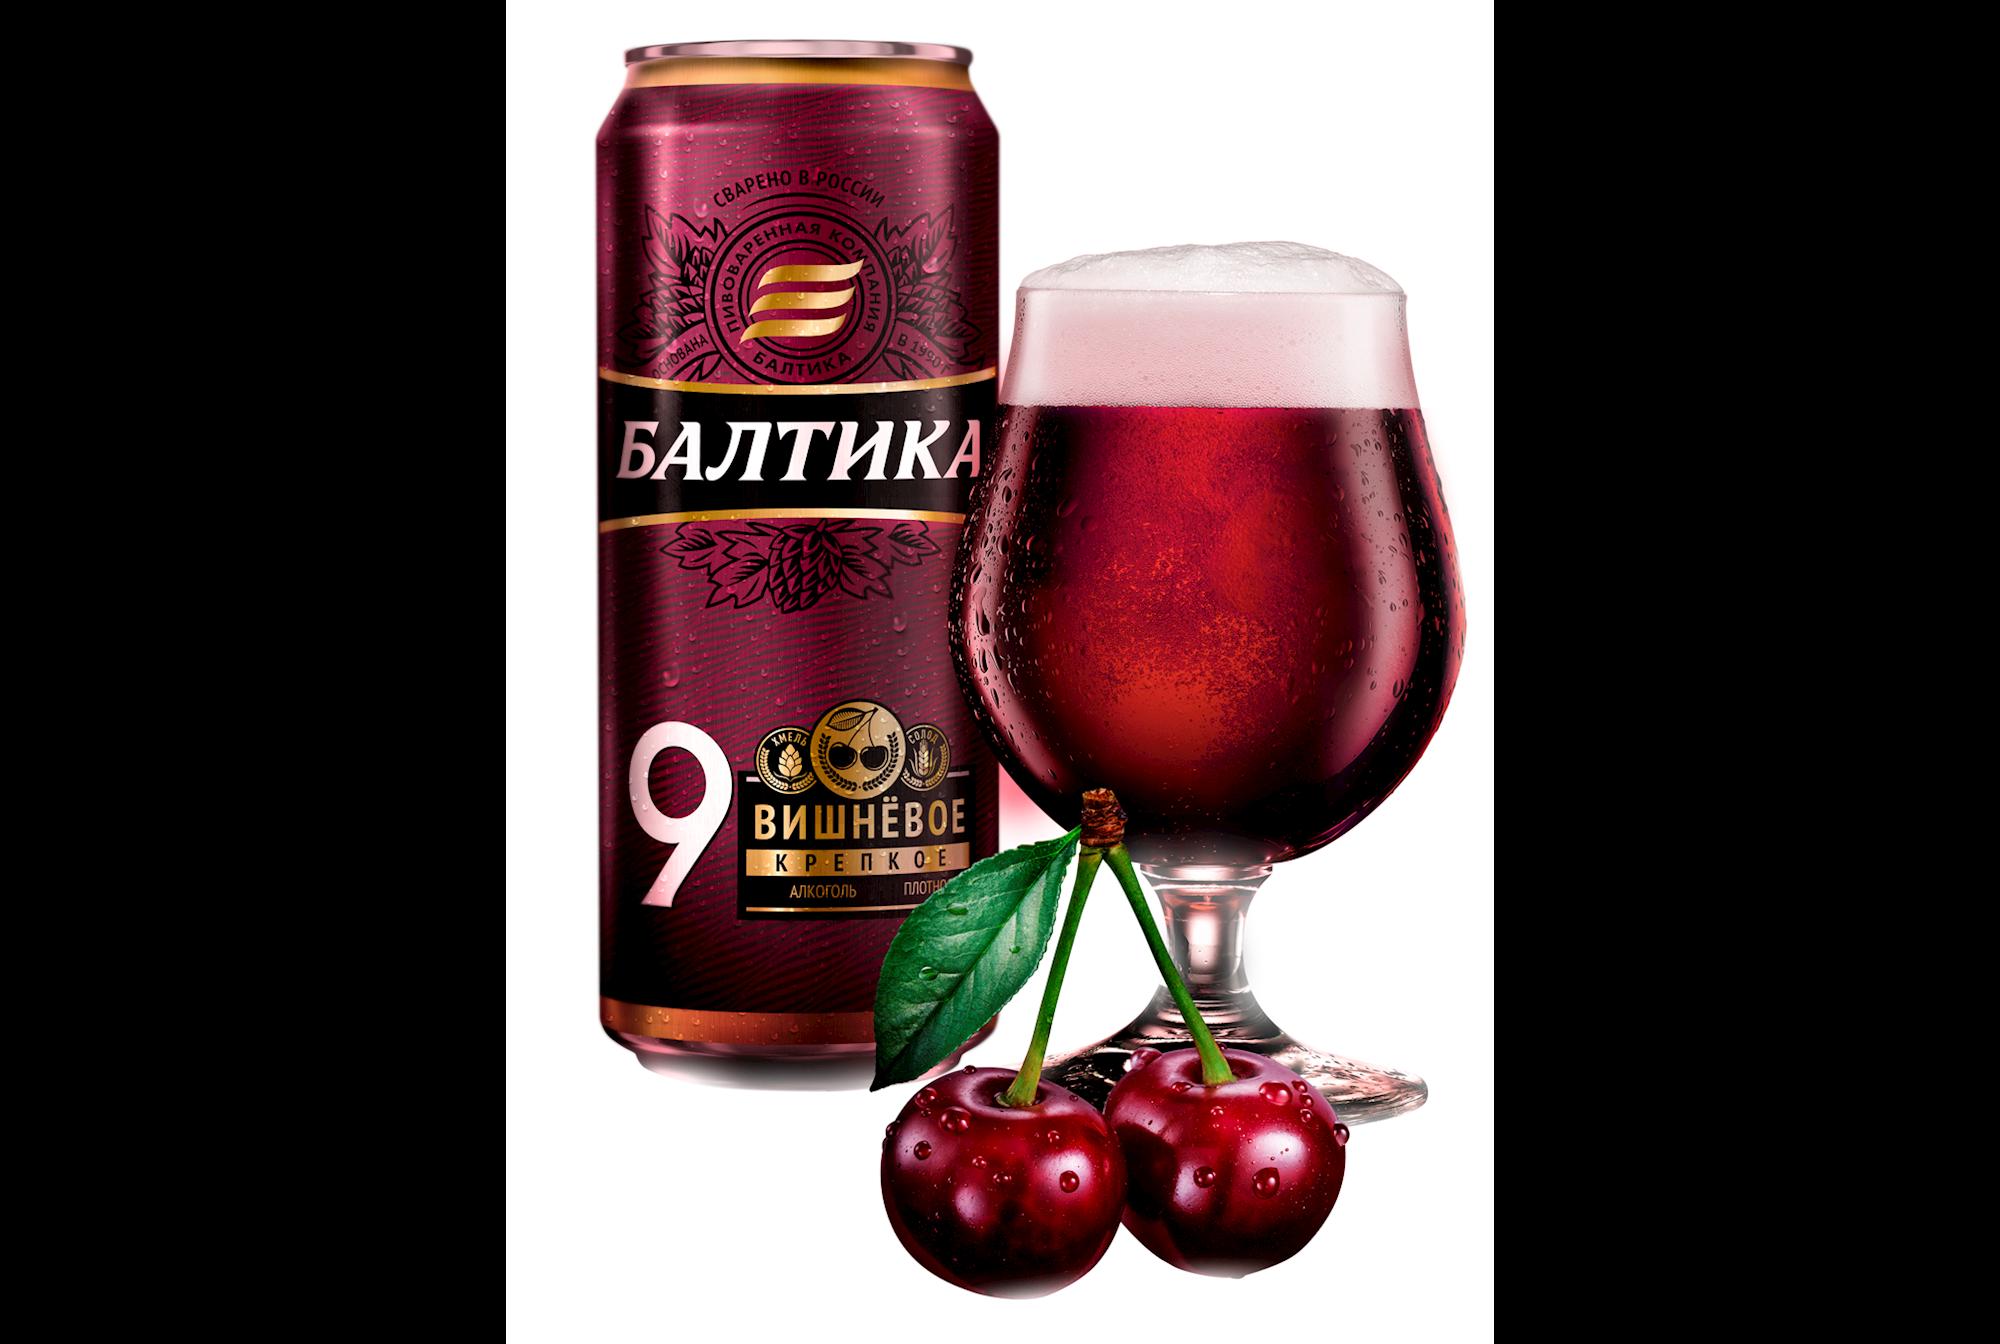 spetsial-no-dlya-potrebiteley-predpochitayushchikh-boleye-krepkiye-sorta-piva-byla-razrabotana-novinka-baltika-9-vishnevoye